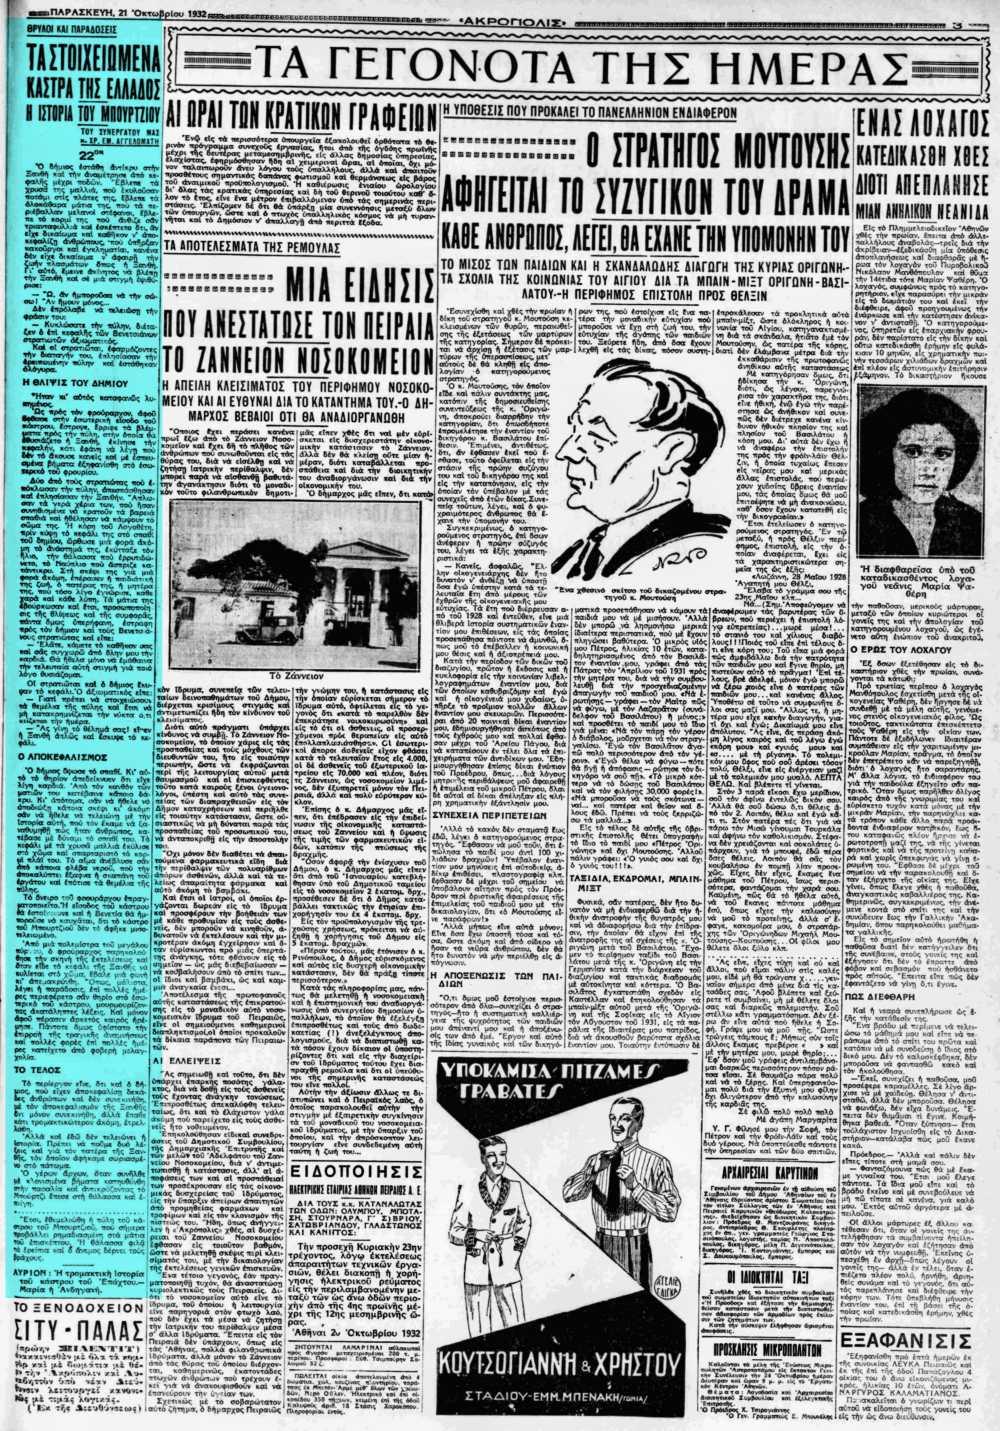 """Το άρθρο, όπως δημοσιεύθηκε στην εφημερίδα """"ΑΚΡΟΠΟΛΙΣ"""", στις 21/10/1932"""